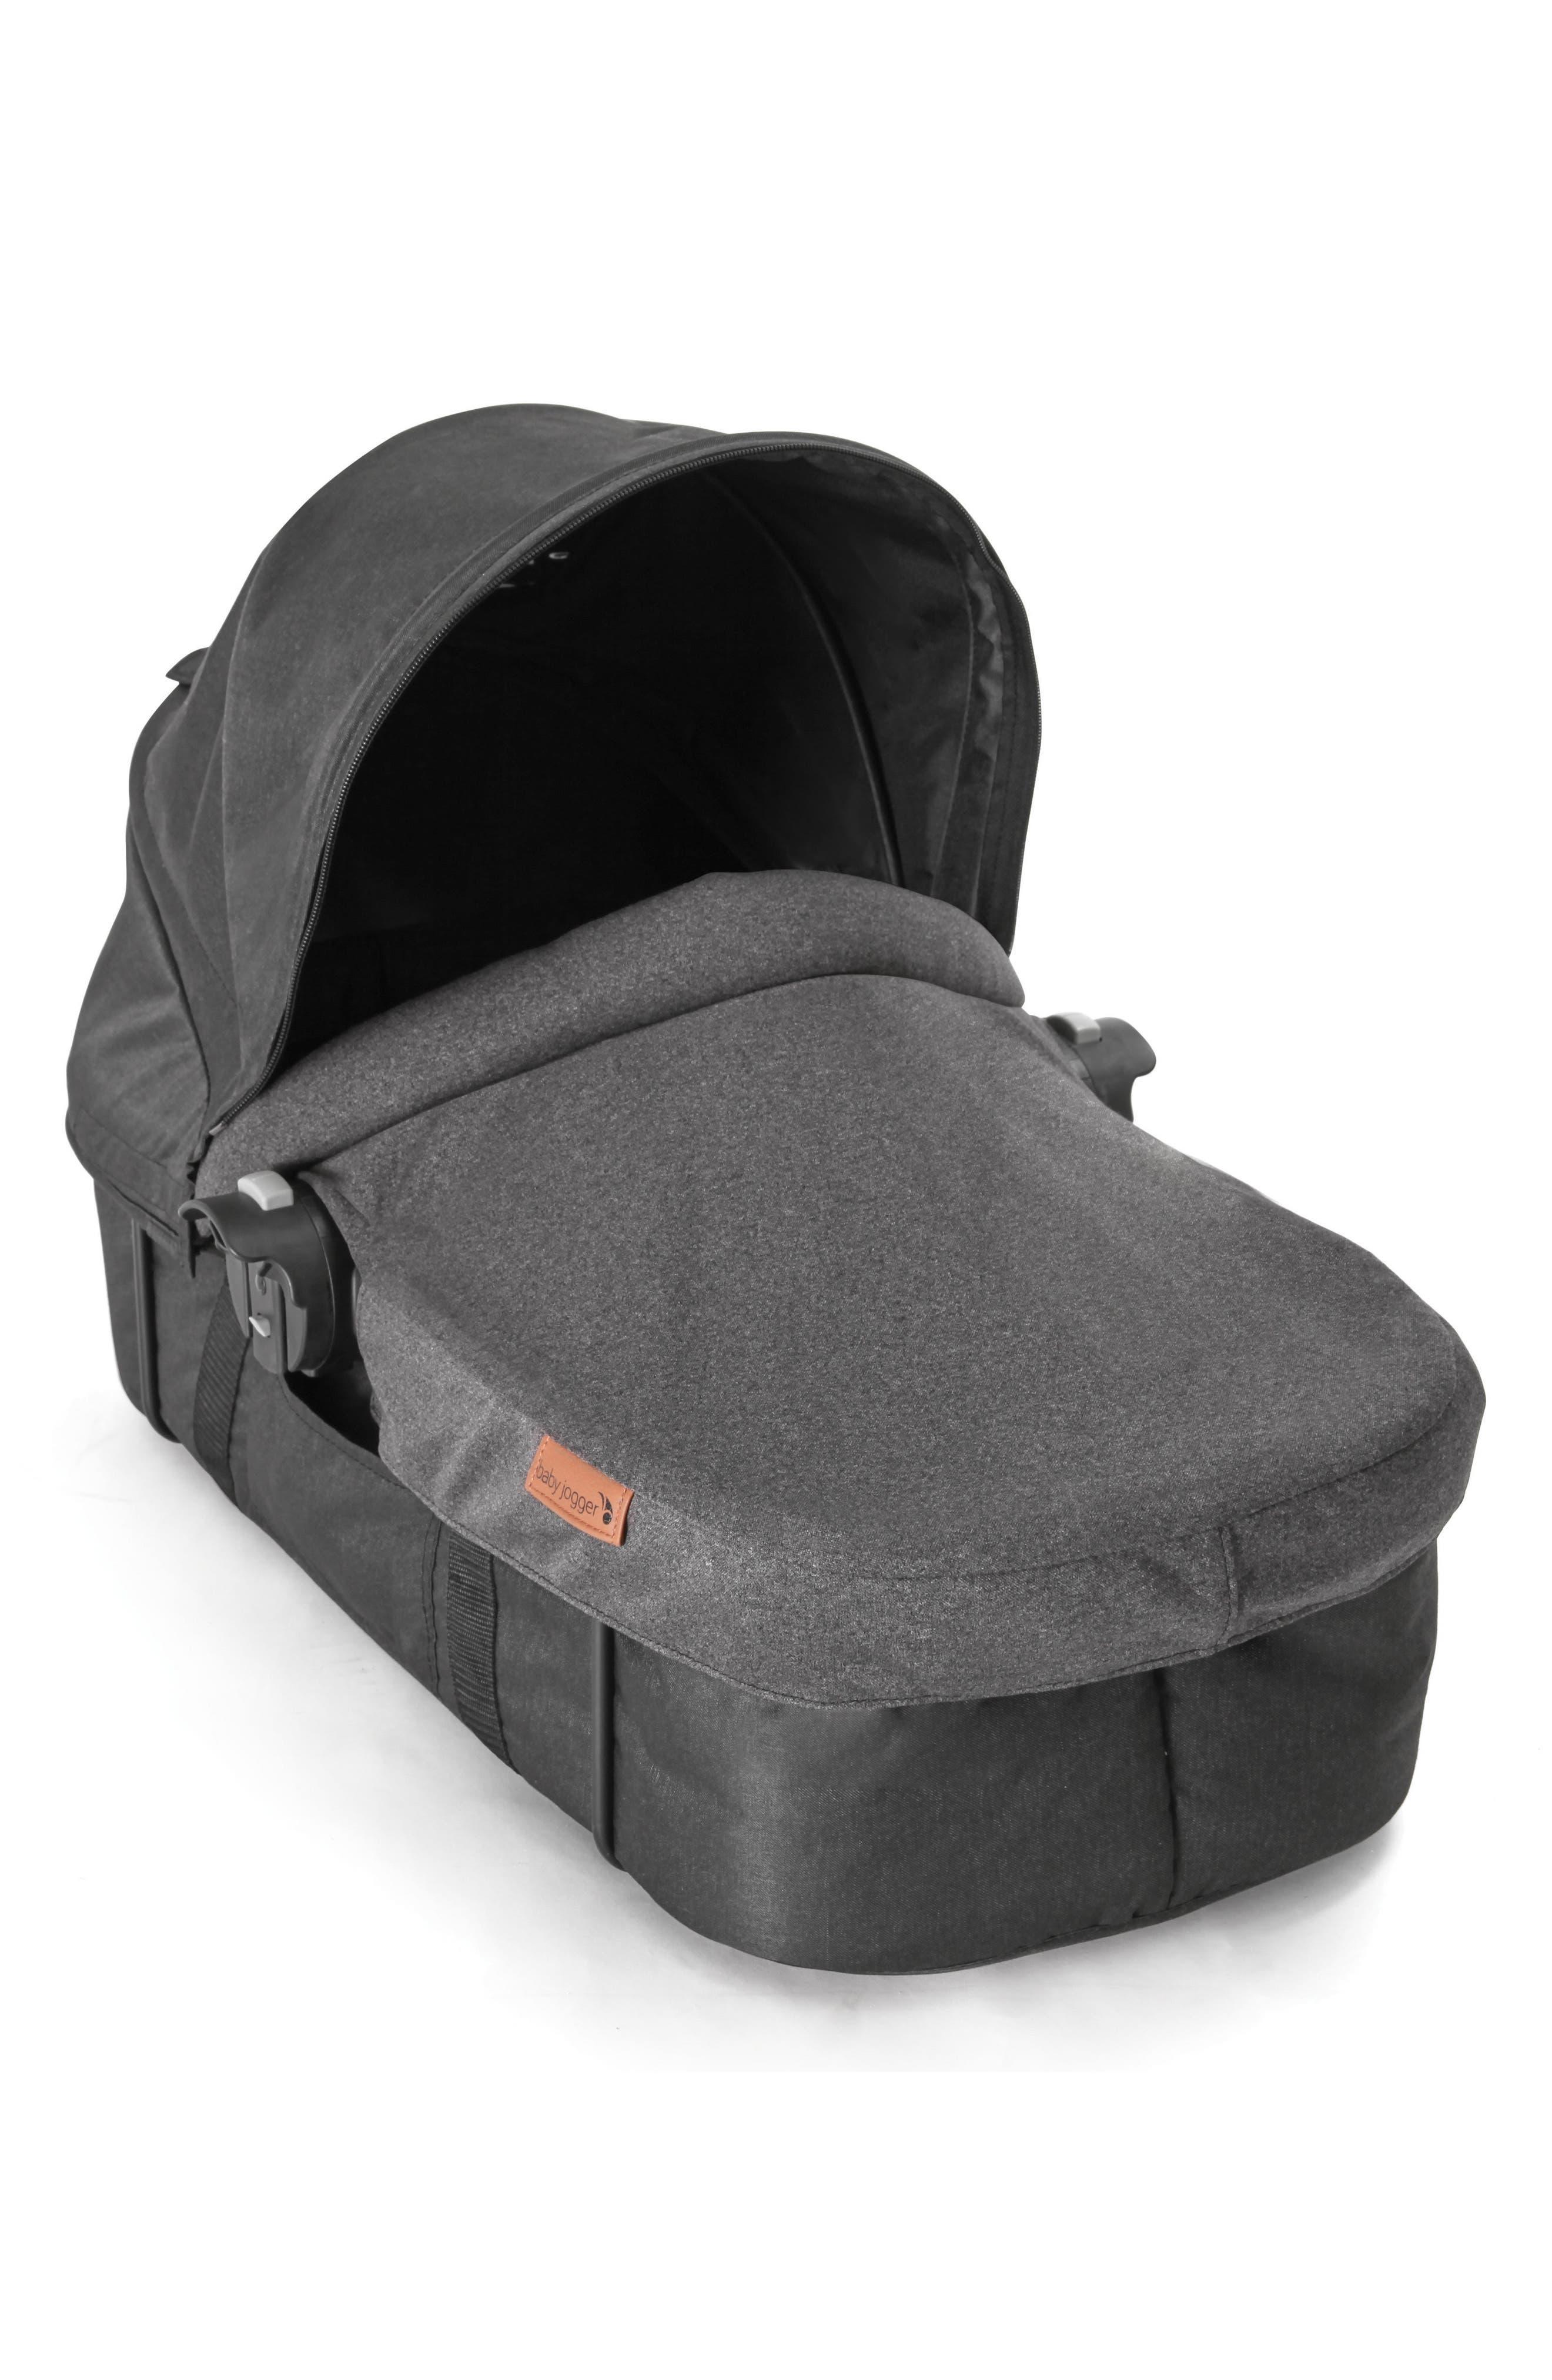 Main Image - Baby Jogger Deluxe Pram Converter Kit for City Select® 2018 Stroller